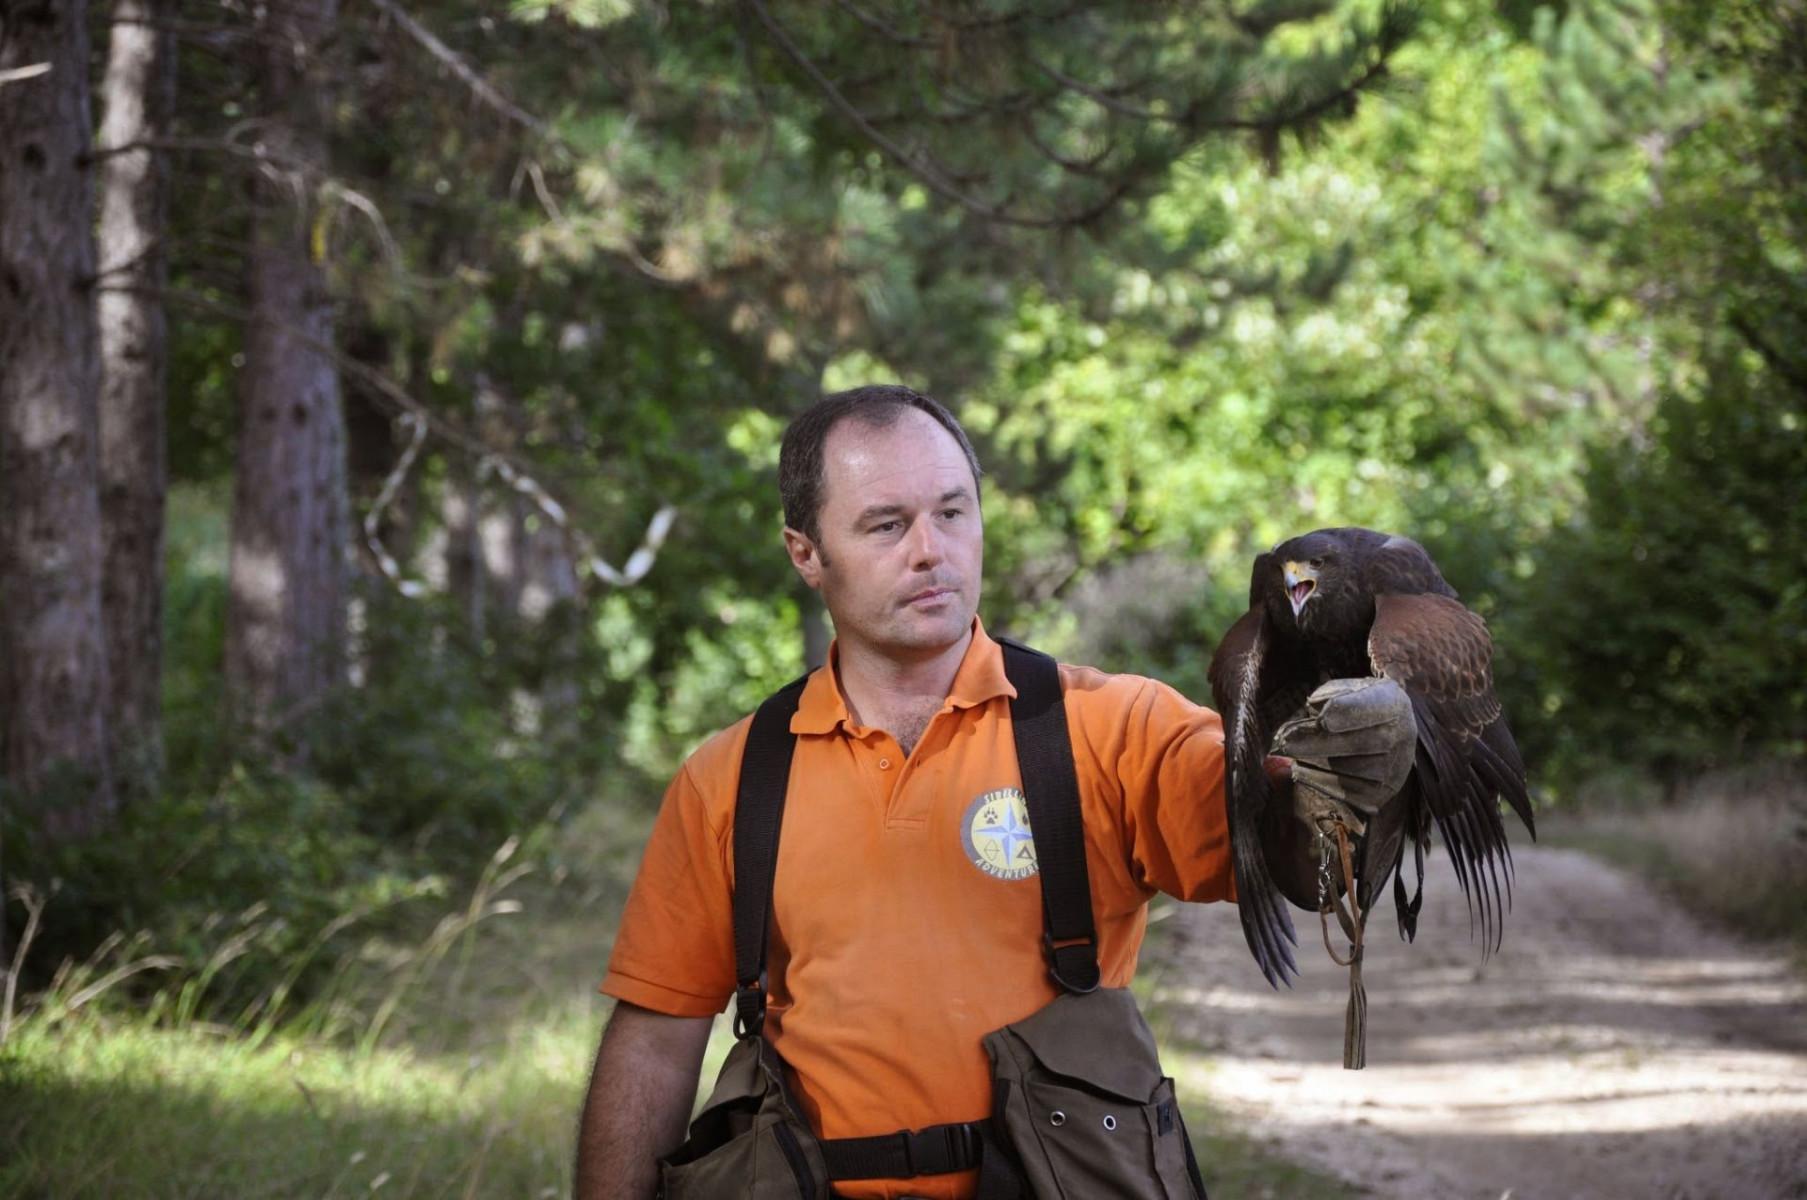 Falconiere per un giorno sui Monti Sibillini